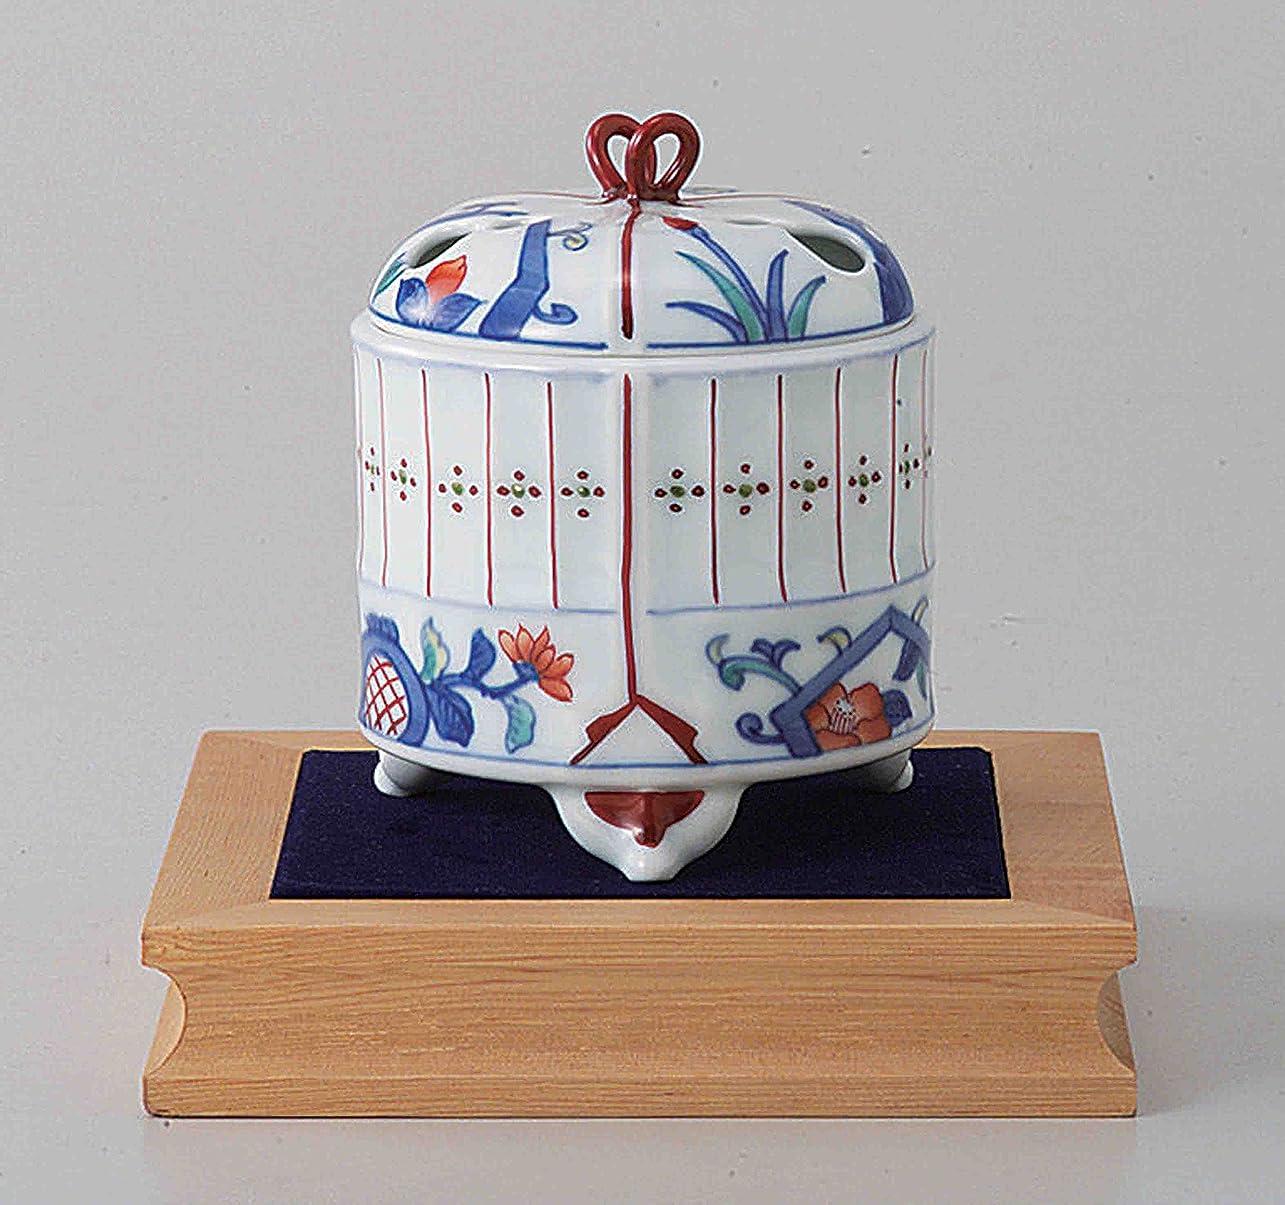 北西チューインガム鹿東京抹茶Selection?–?[プレミアム] Arita Porcelain Cencer : Insectケージ?–?Incense BurnerホルダーWベース&ボックス日本から[ EMSで発送標準: withトラッキング&保険]